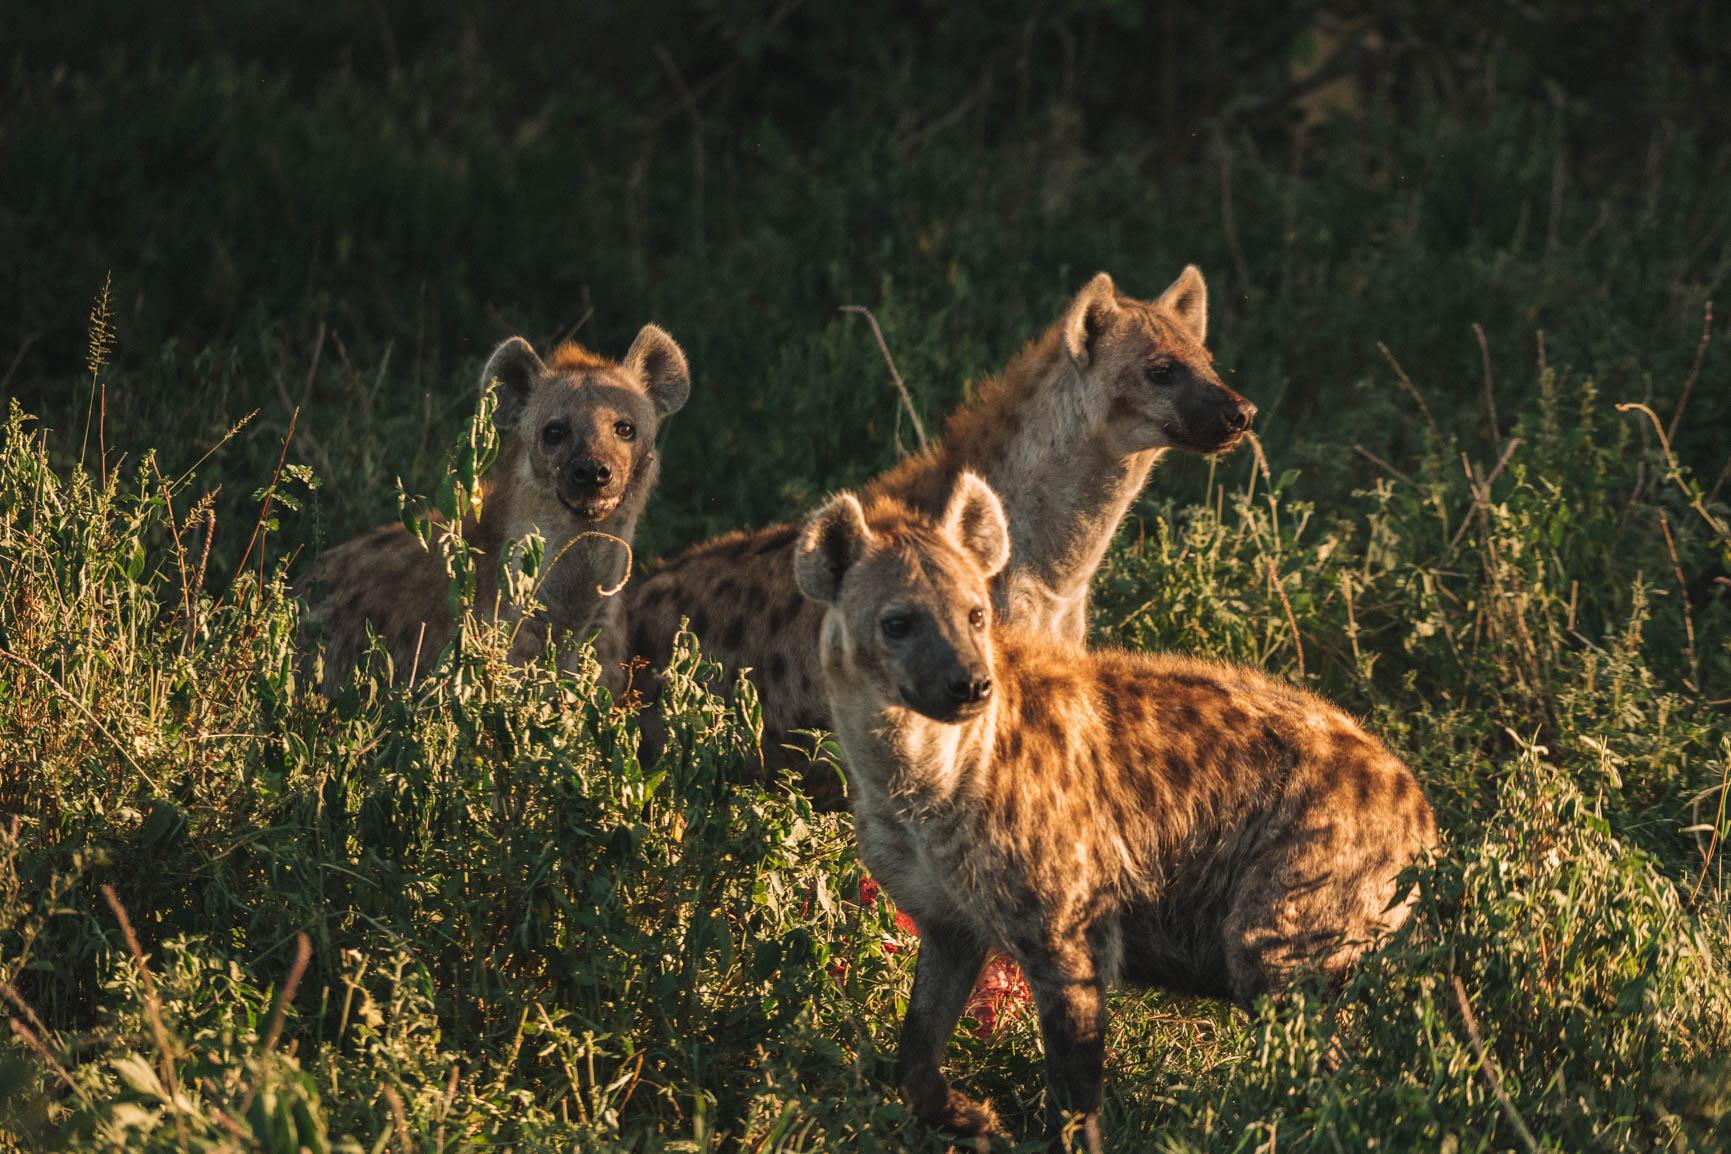 Kenya wildlife safari Maasai Mara Big 5 Luxury lodge